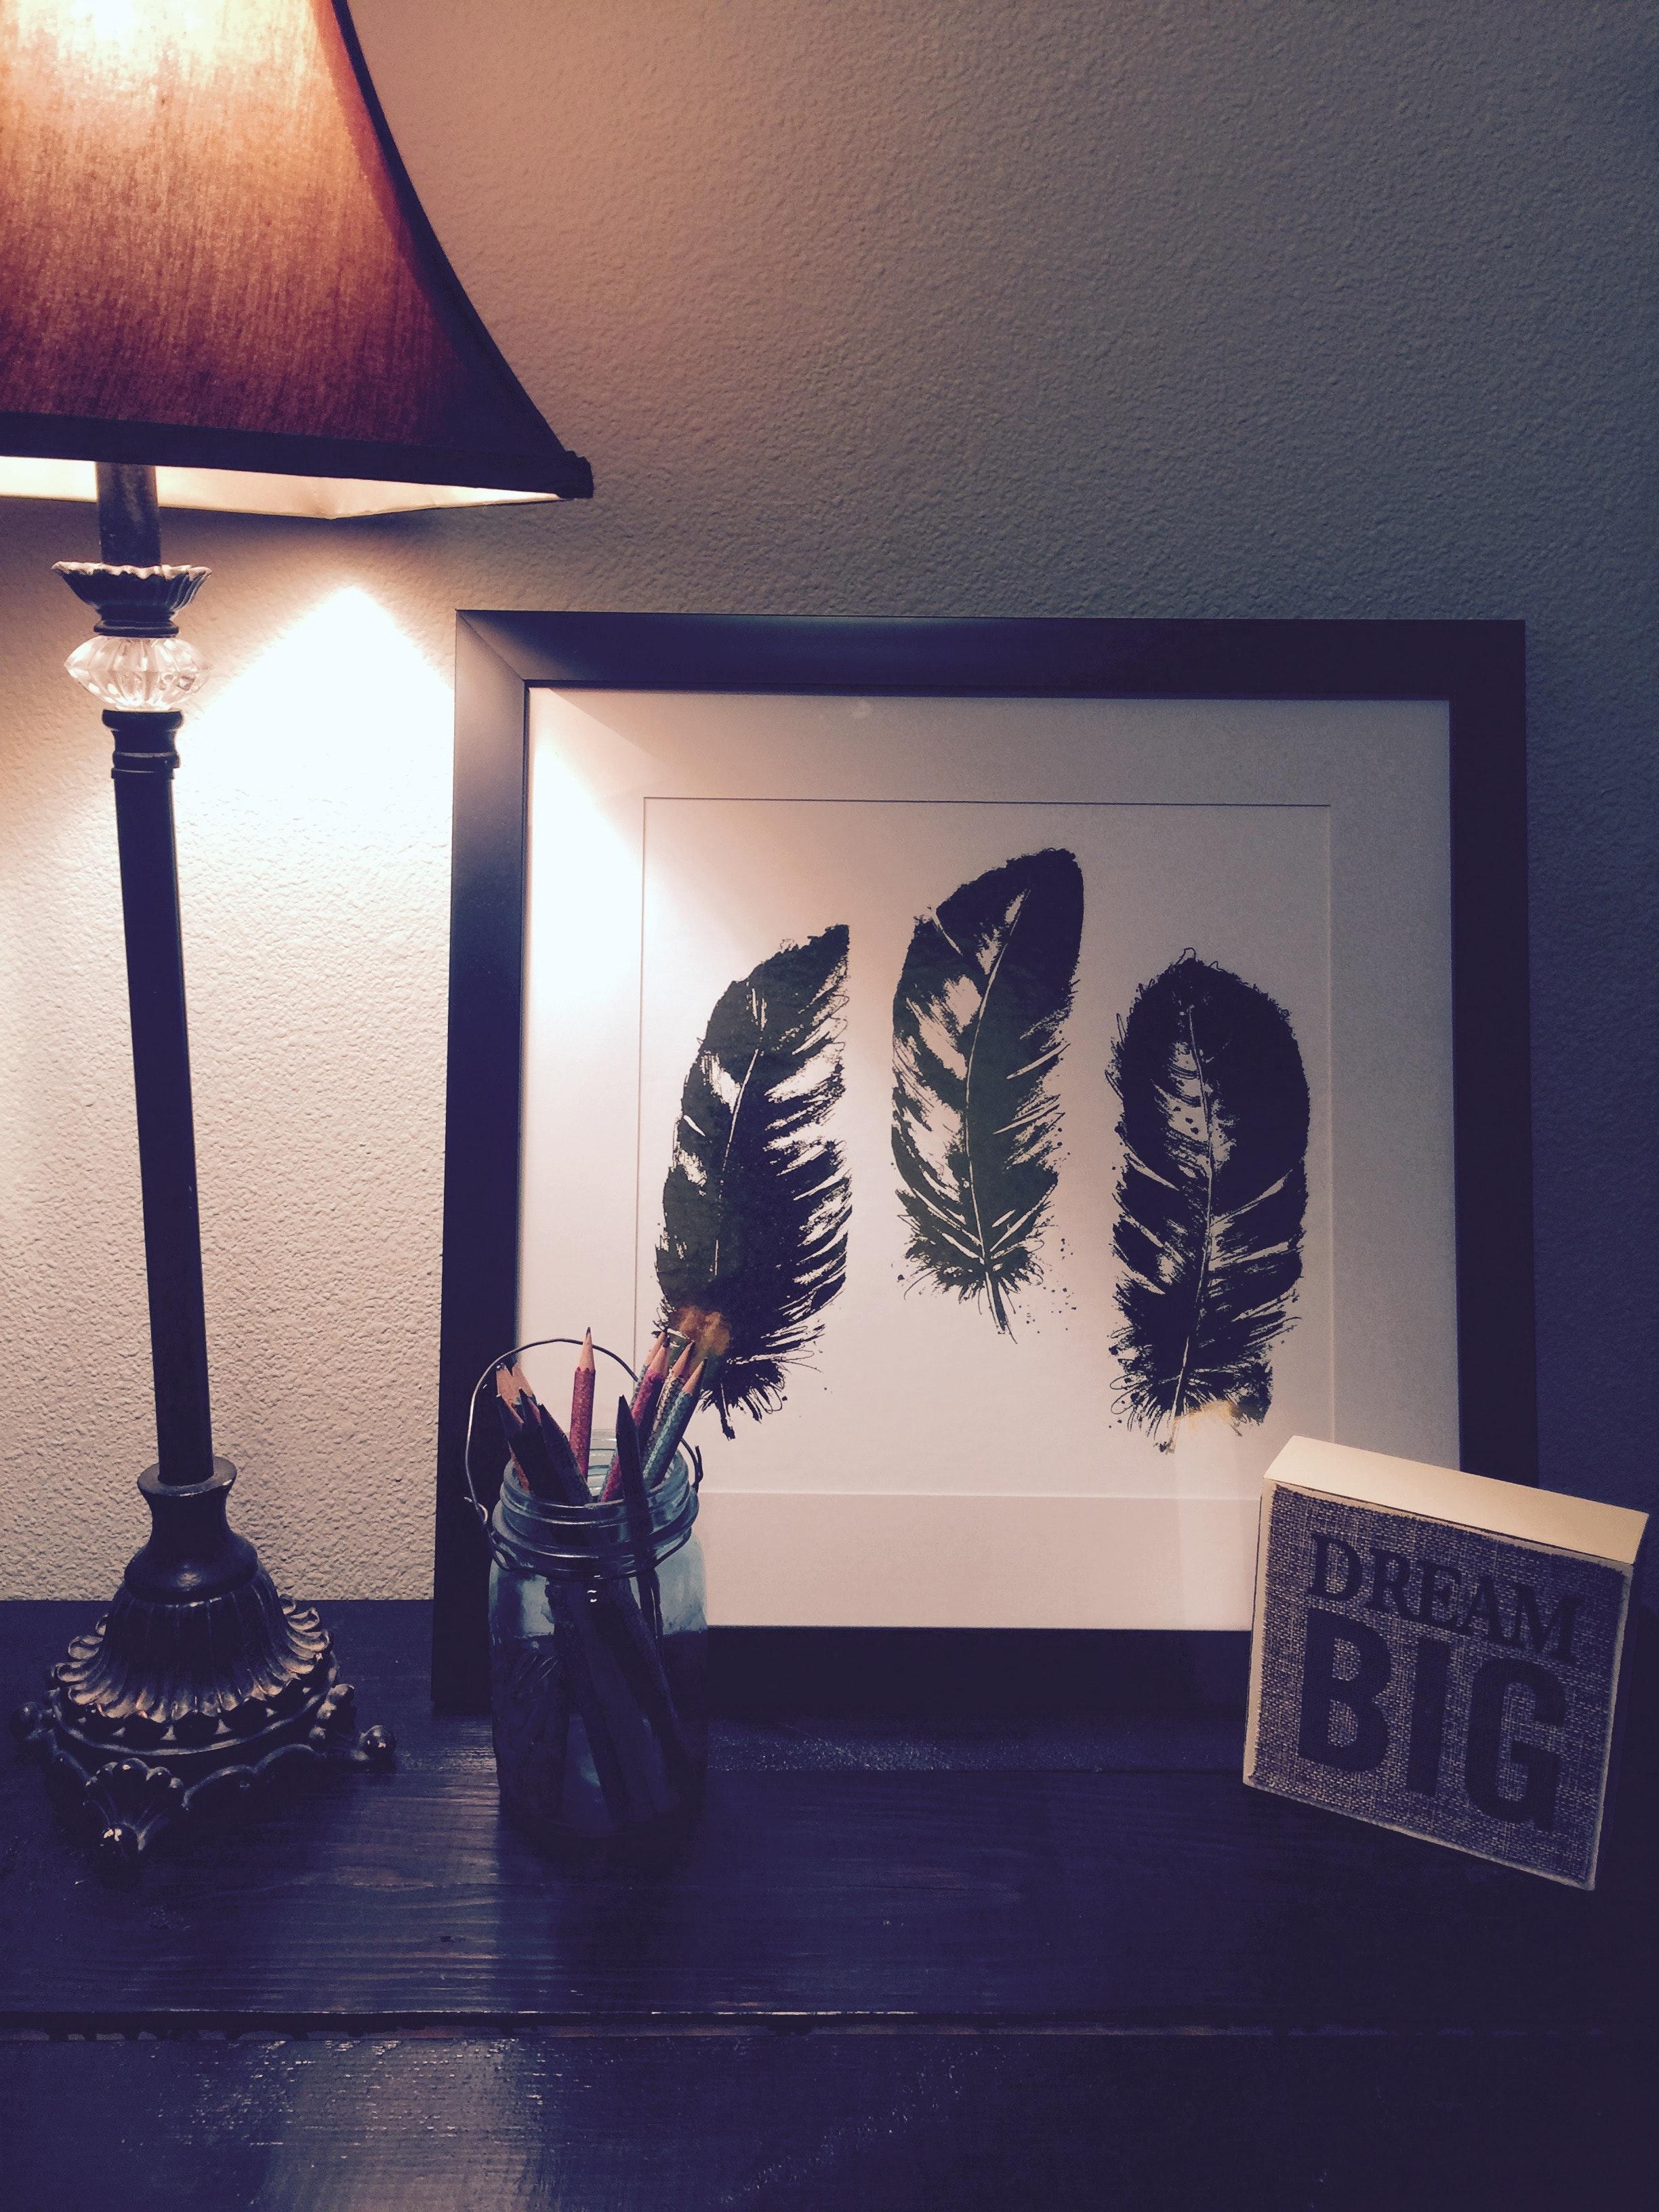 frame-lampshade-light-8857.jpg